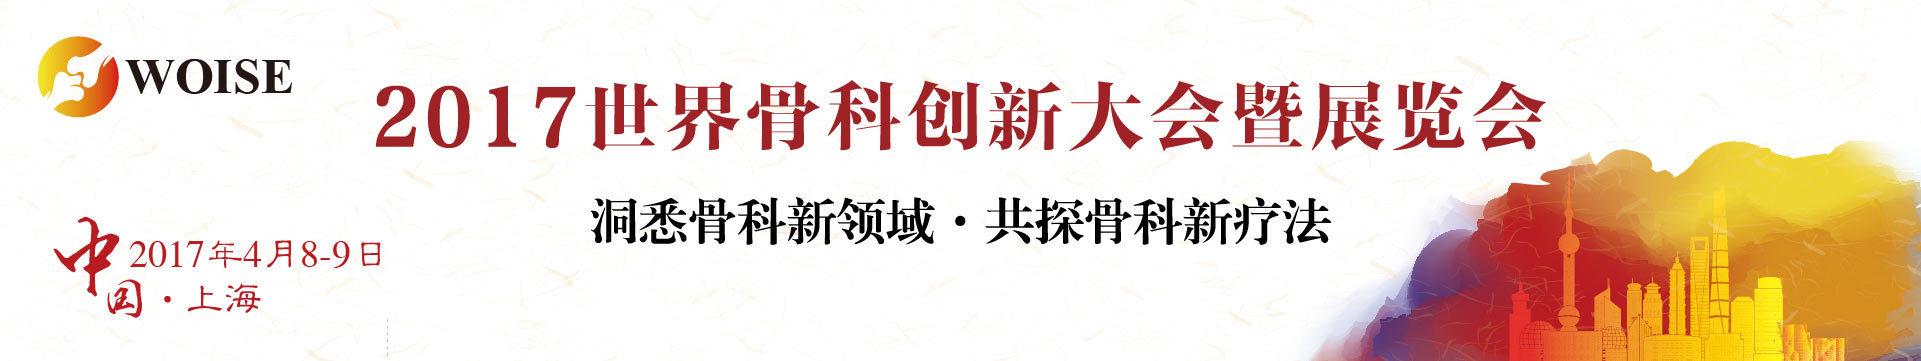 2017世界骨科创新大会暨展览会